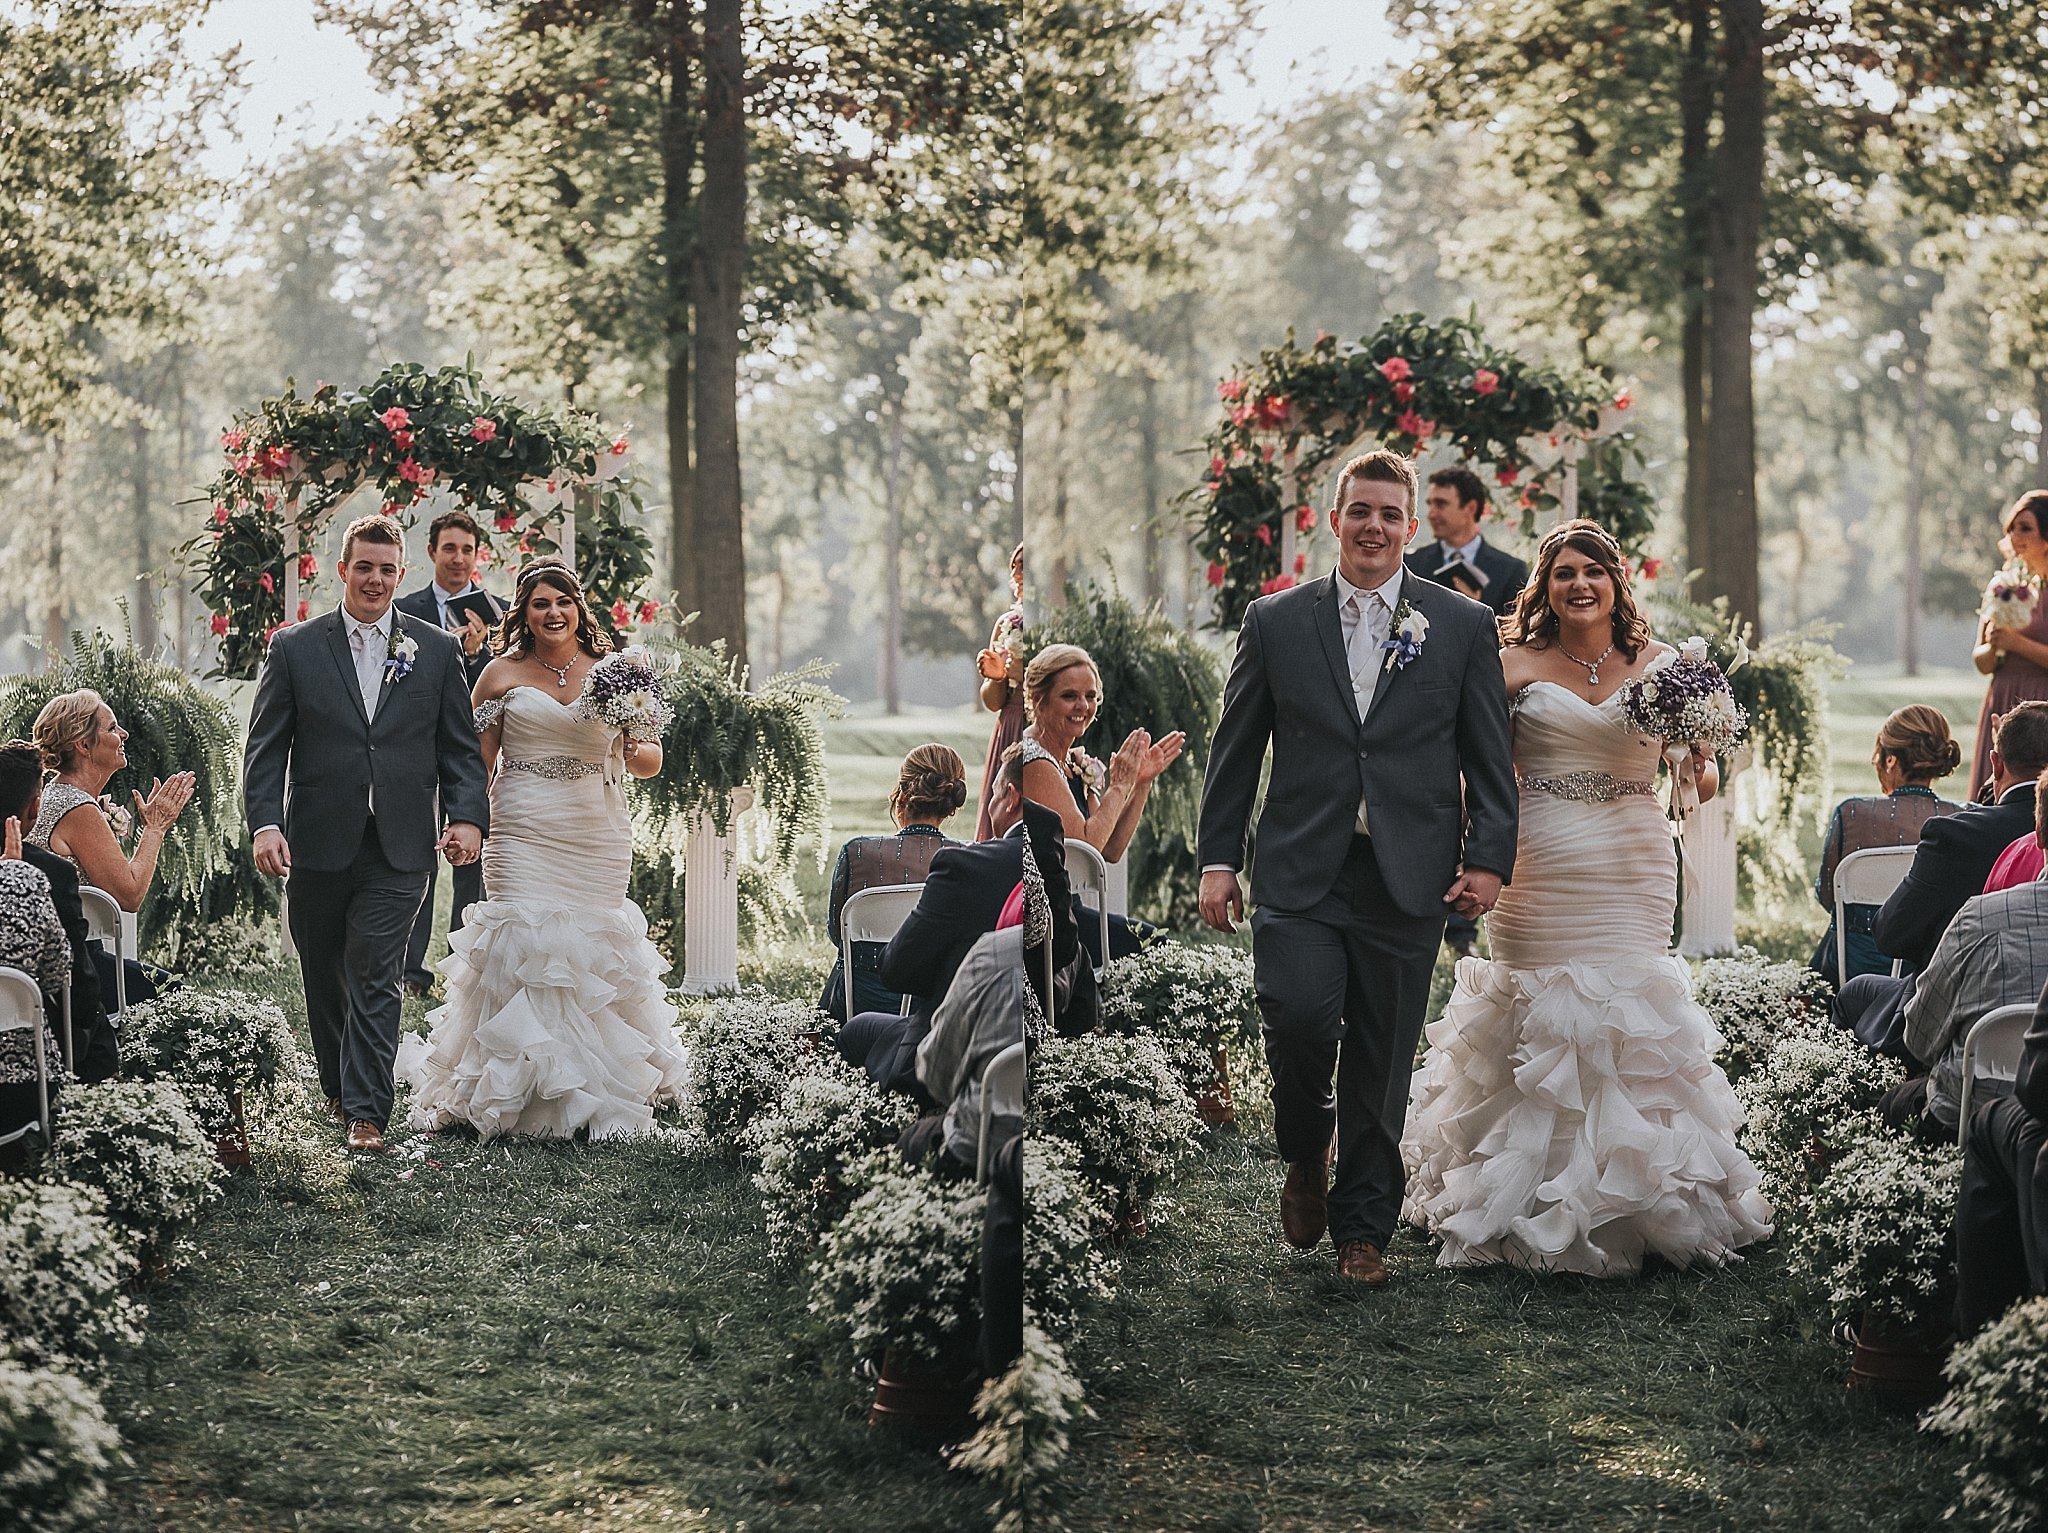 St. Louis Weddings